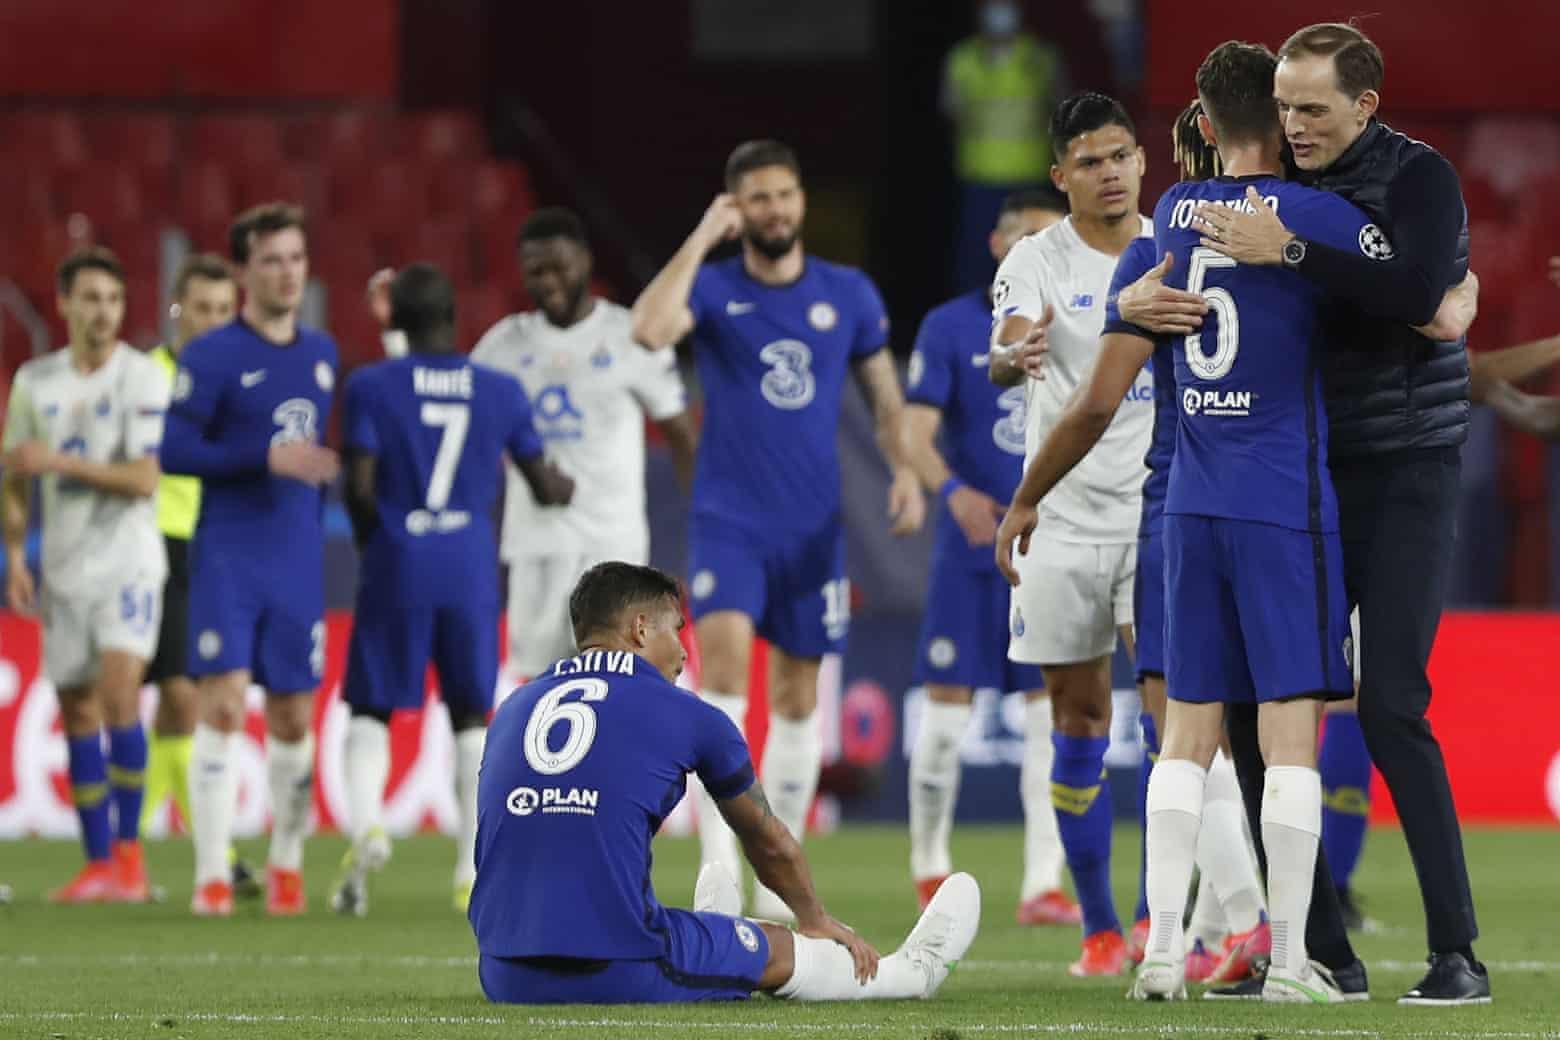 Tuchel chia vui với các cầu thủ Chelsea sau tiếng còi tan trận. Đây là năm thứ hai liên tiếp HLV người Đức vào bán kết Champions League, sau khi đưa PSG vào chung kết năm ngoái. Ảnh: AP